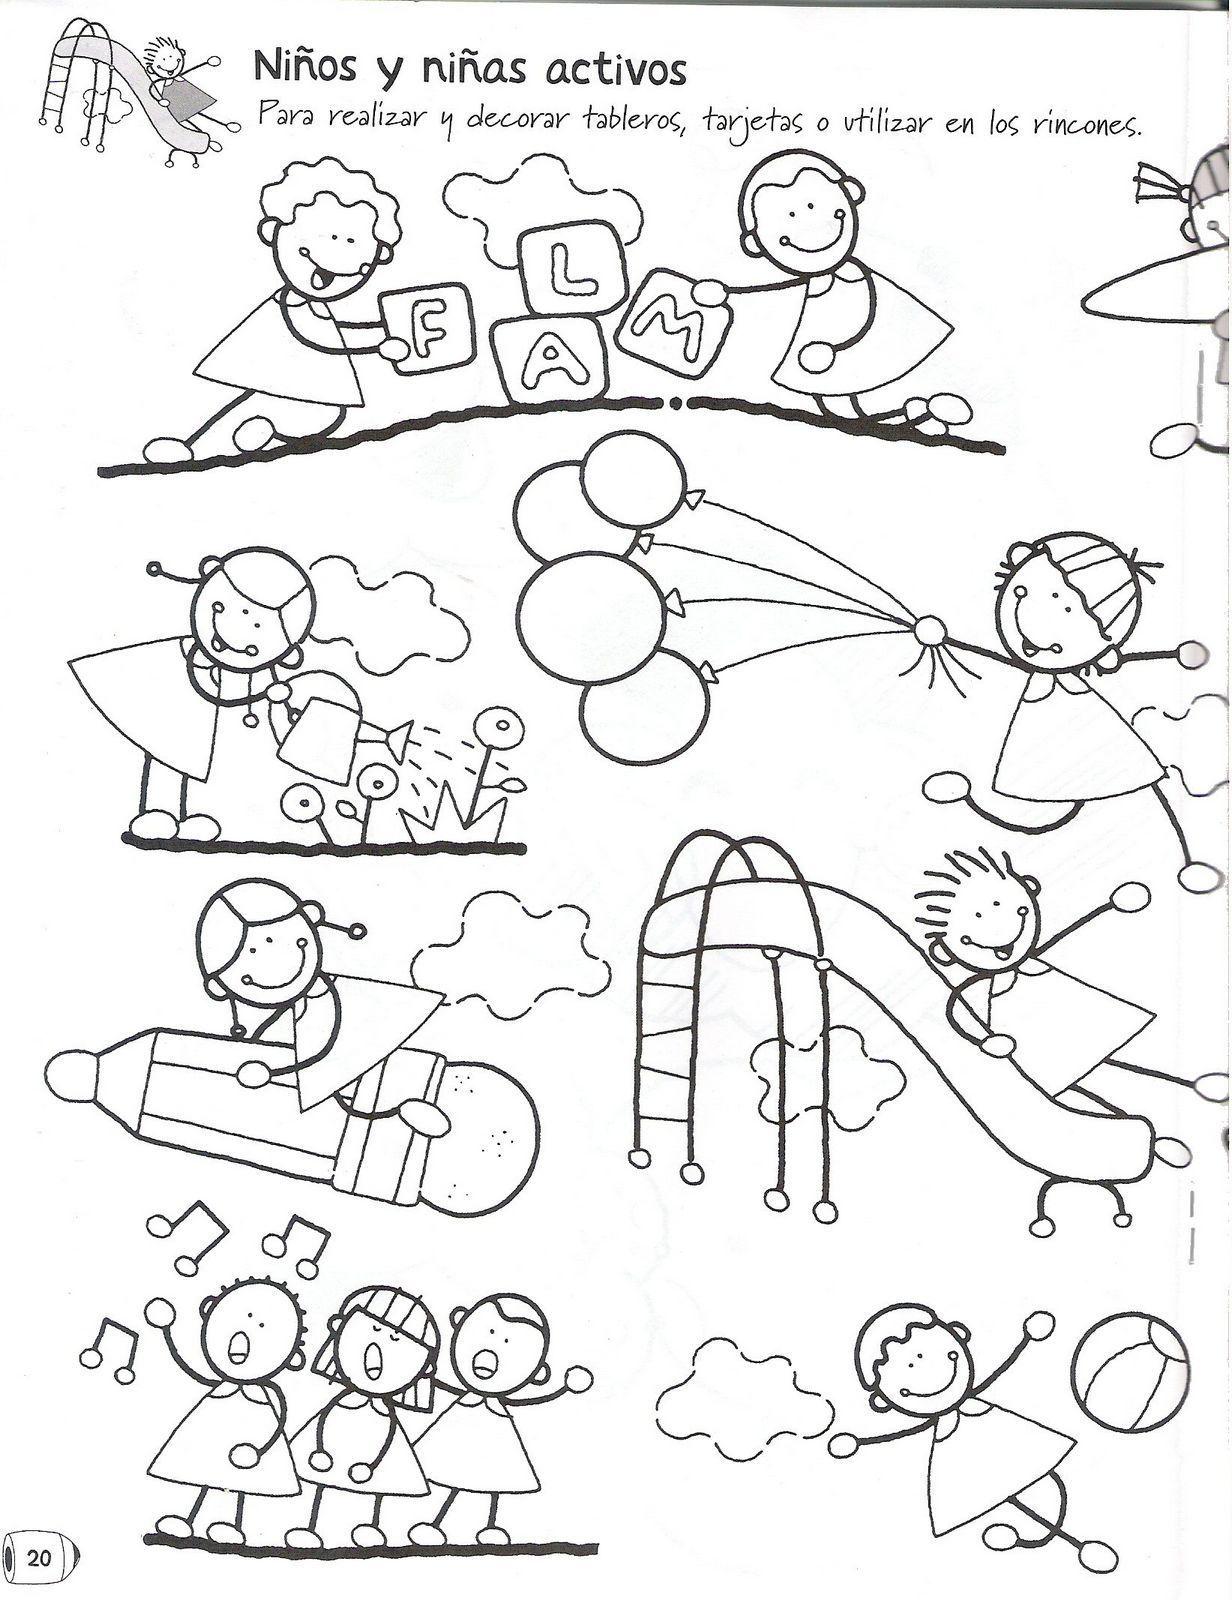 Pin De Brenda L En Materiales Nivel Incial Dibujos Sencillos Para Niños Distintivos Para Niños Colorear Para Niños